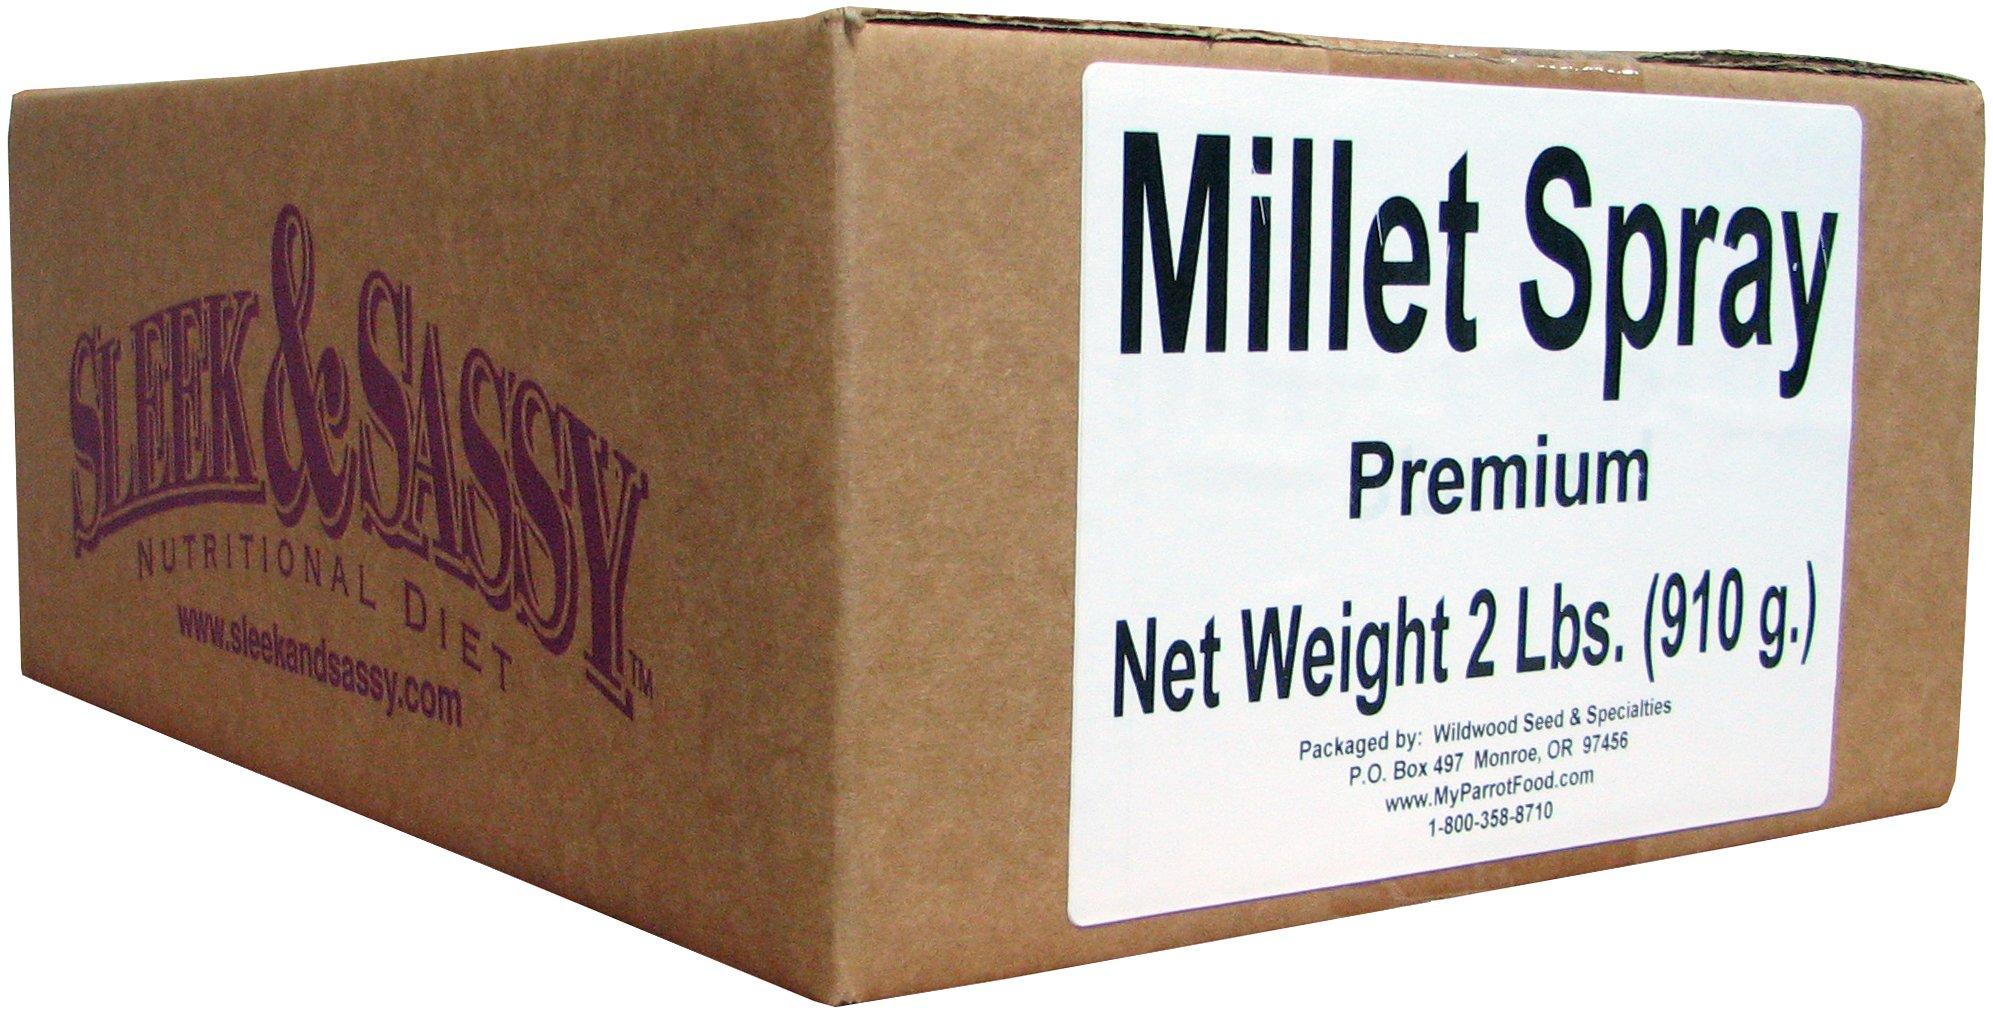 SLEEK & SASSY NUTRITIONAL DIET Premium Millet Spray for Birds (2 Lbs.) by SLEEK & SASSY NUTRITIONAL DIET